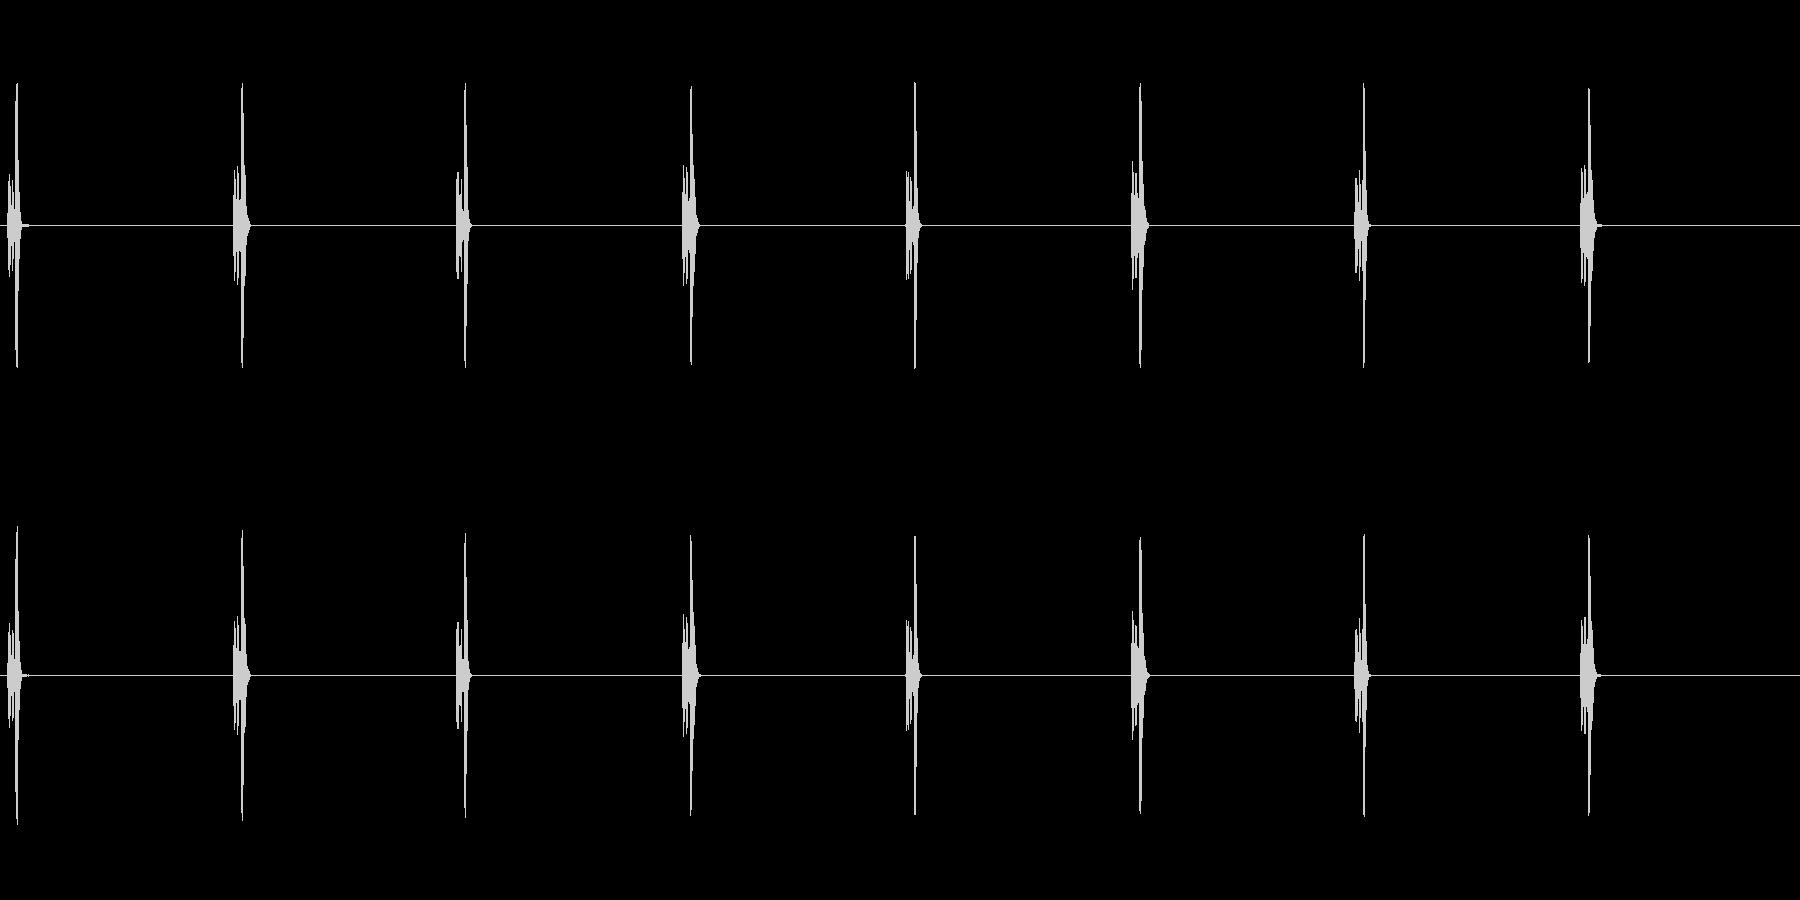 【時計 秒針01-2L】の未再生の波形